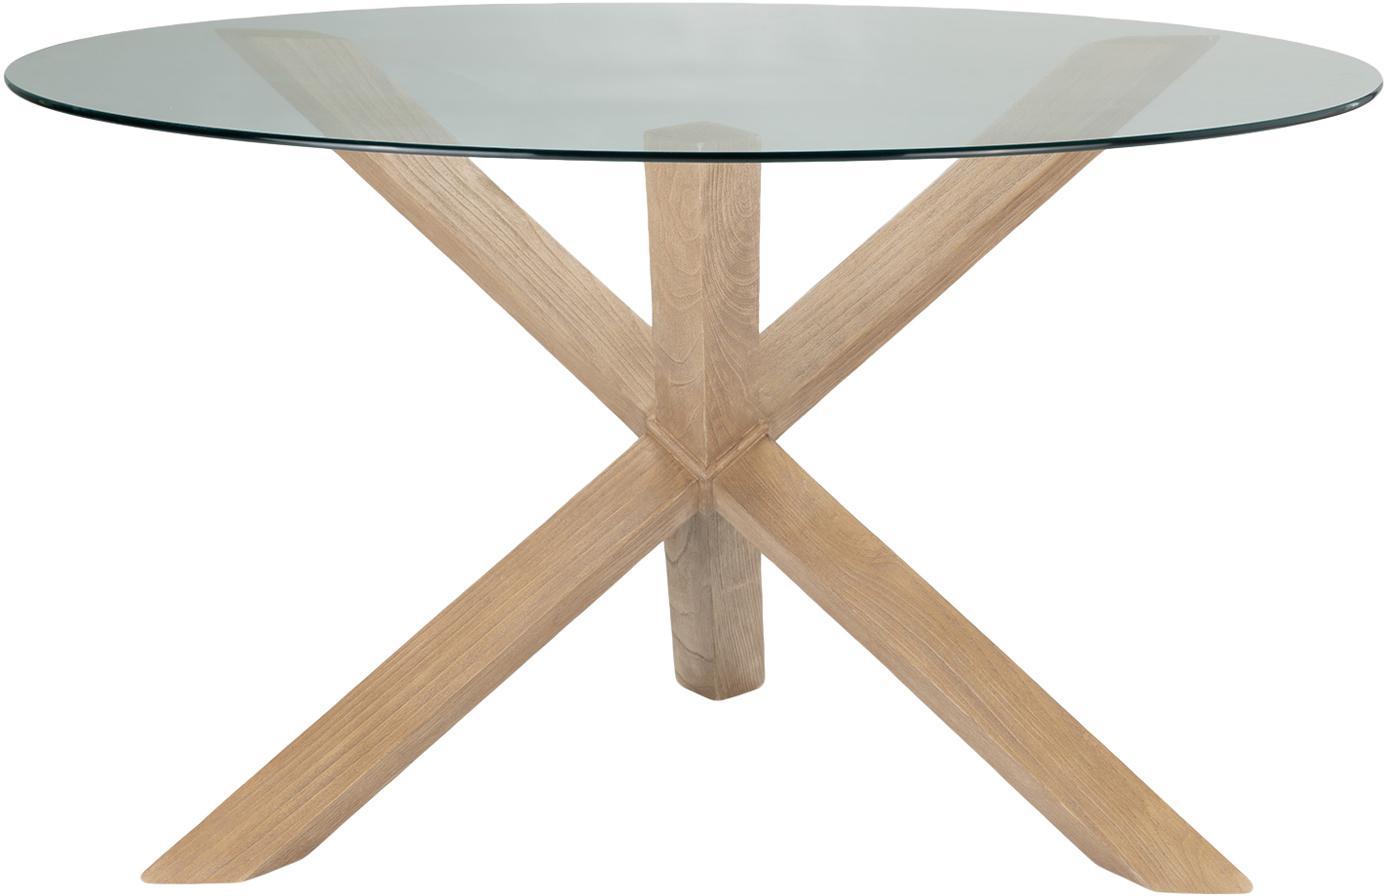 Mesa de comedor redonda Hélice, Patas: madera de roble, Tablero: vidrio templado, Marrón, transparente, Ø 135 x Al  cm